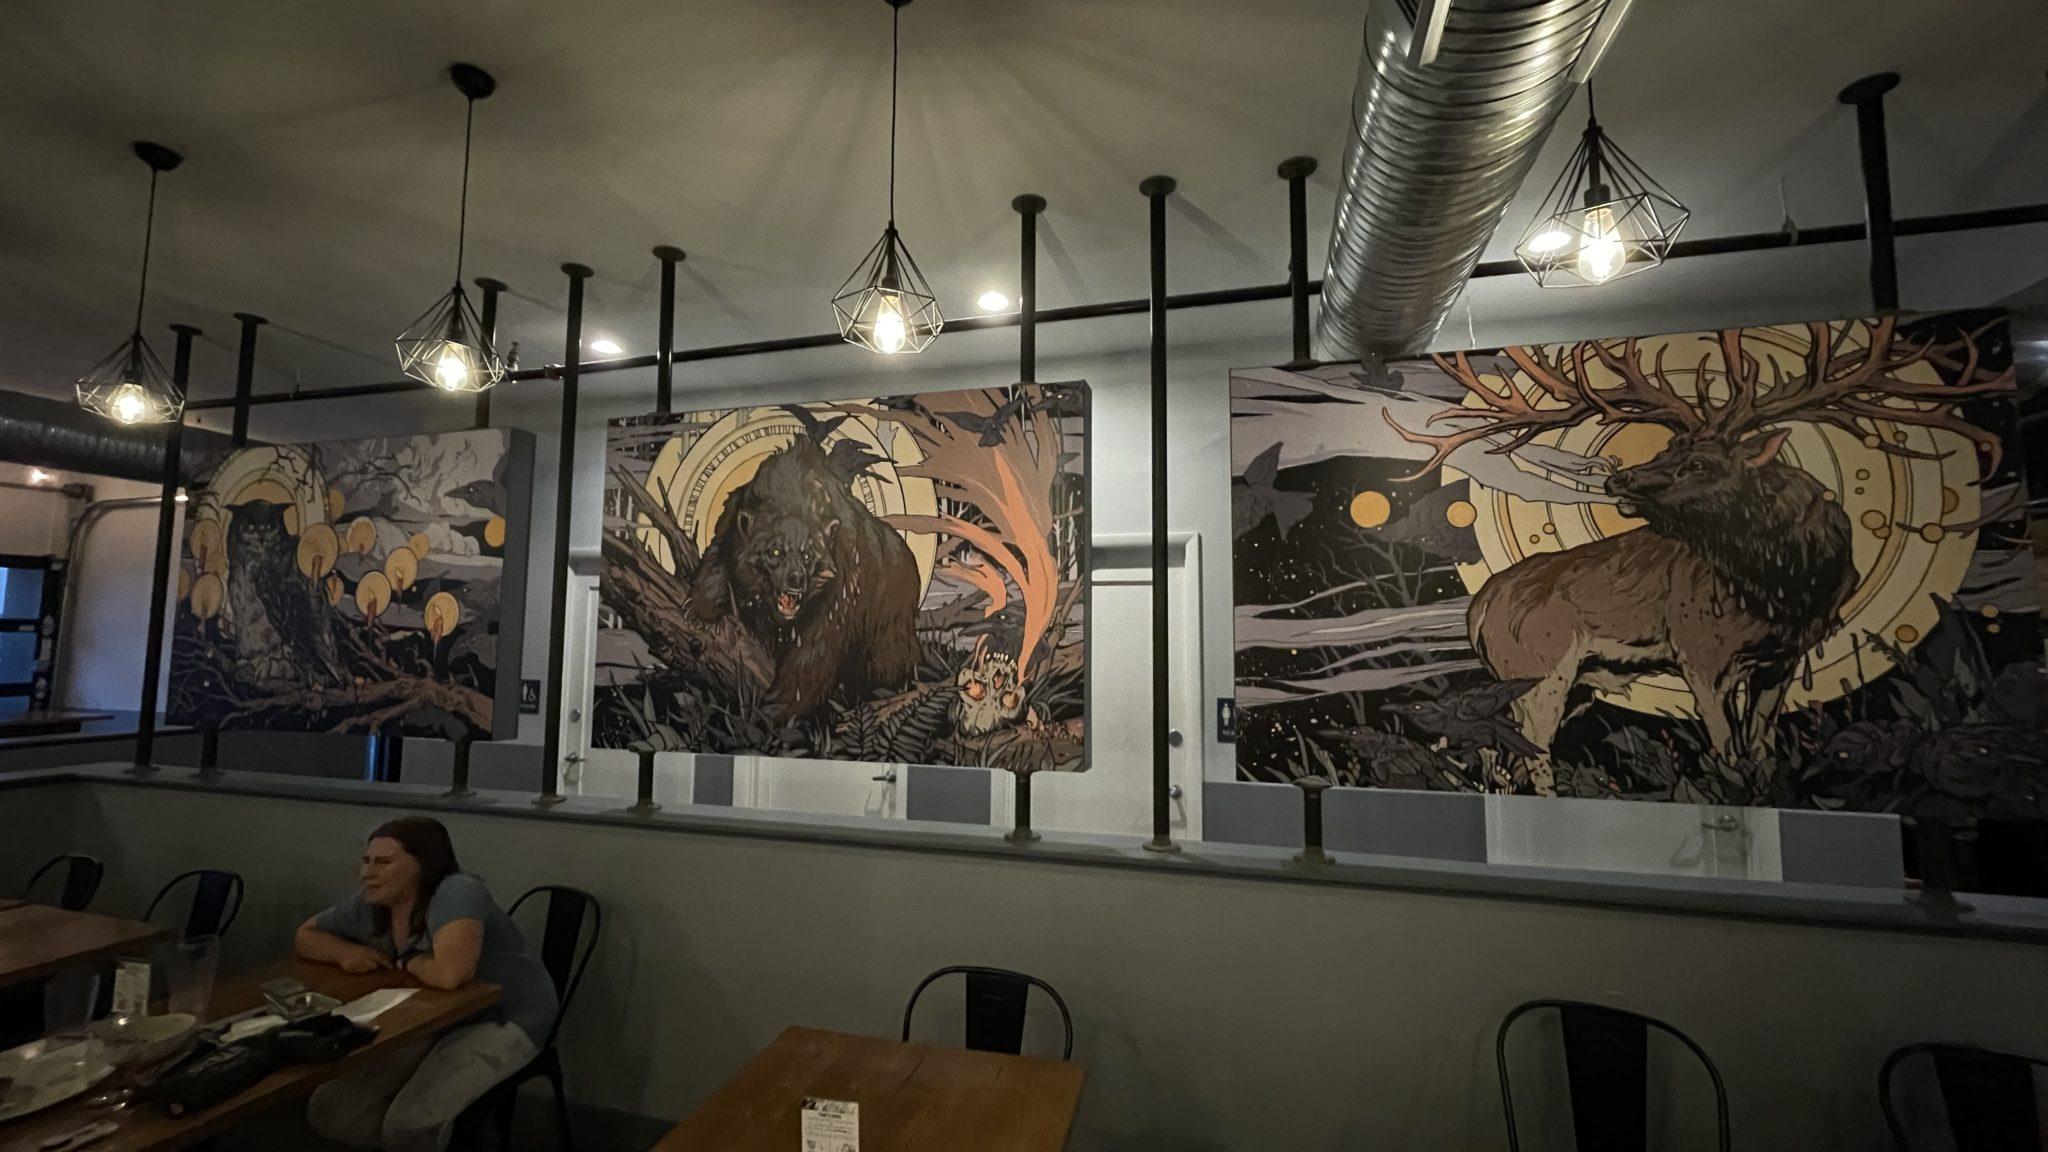 Nepenthe Brewing Murals